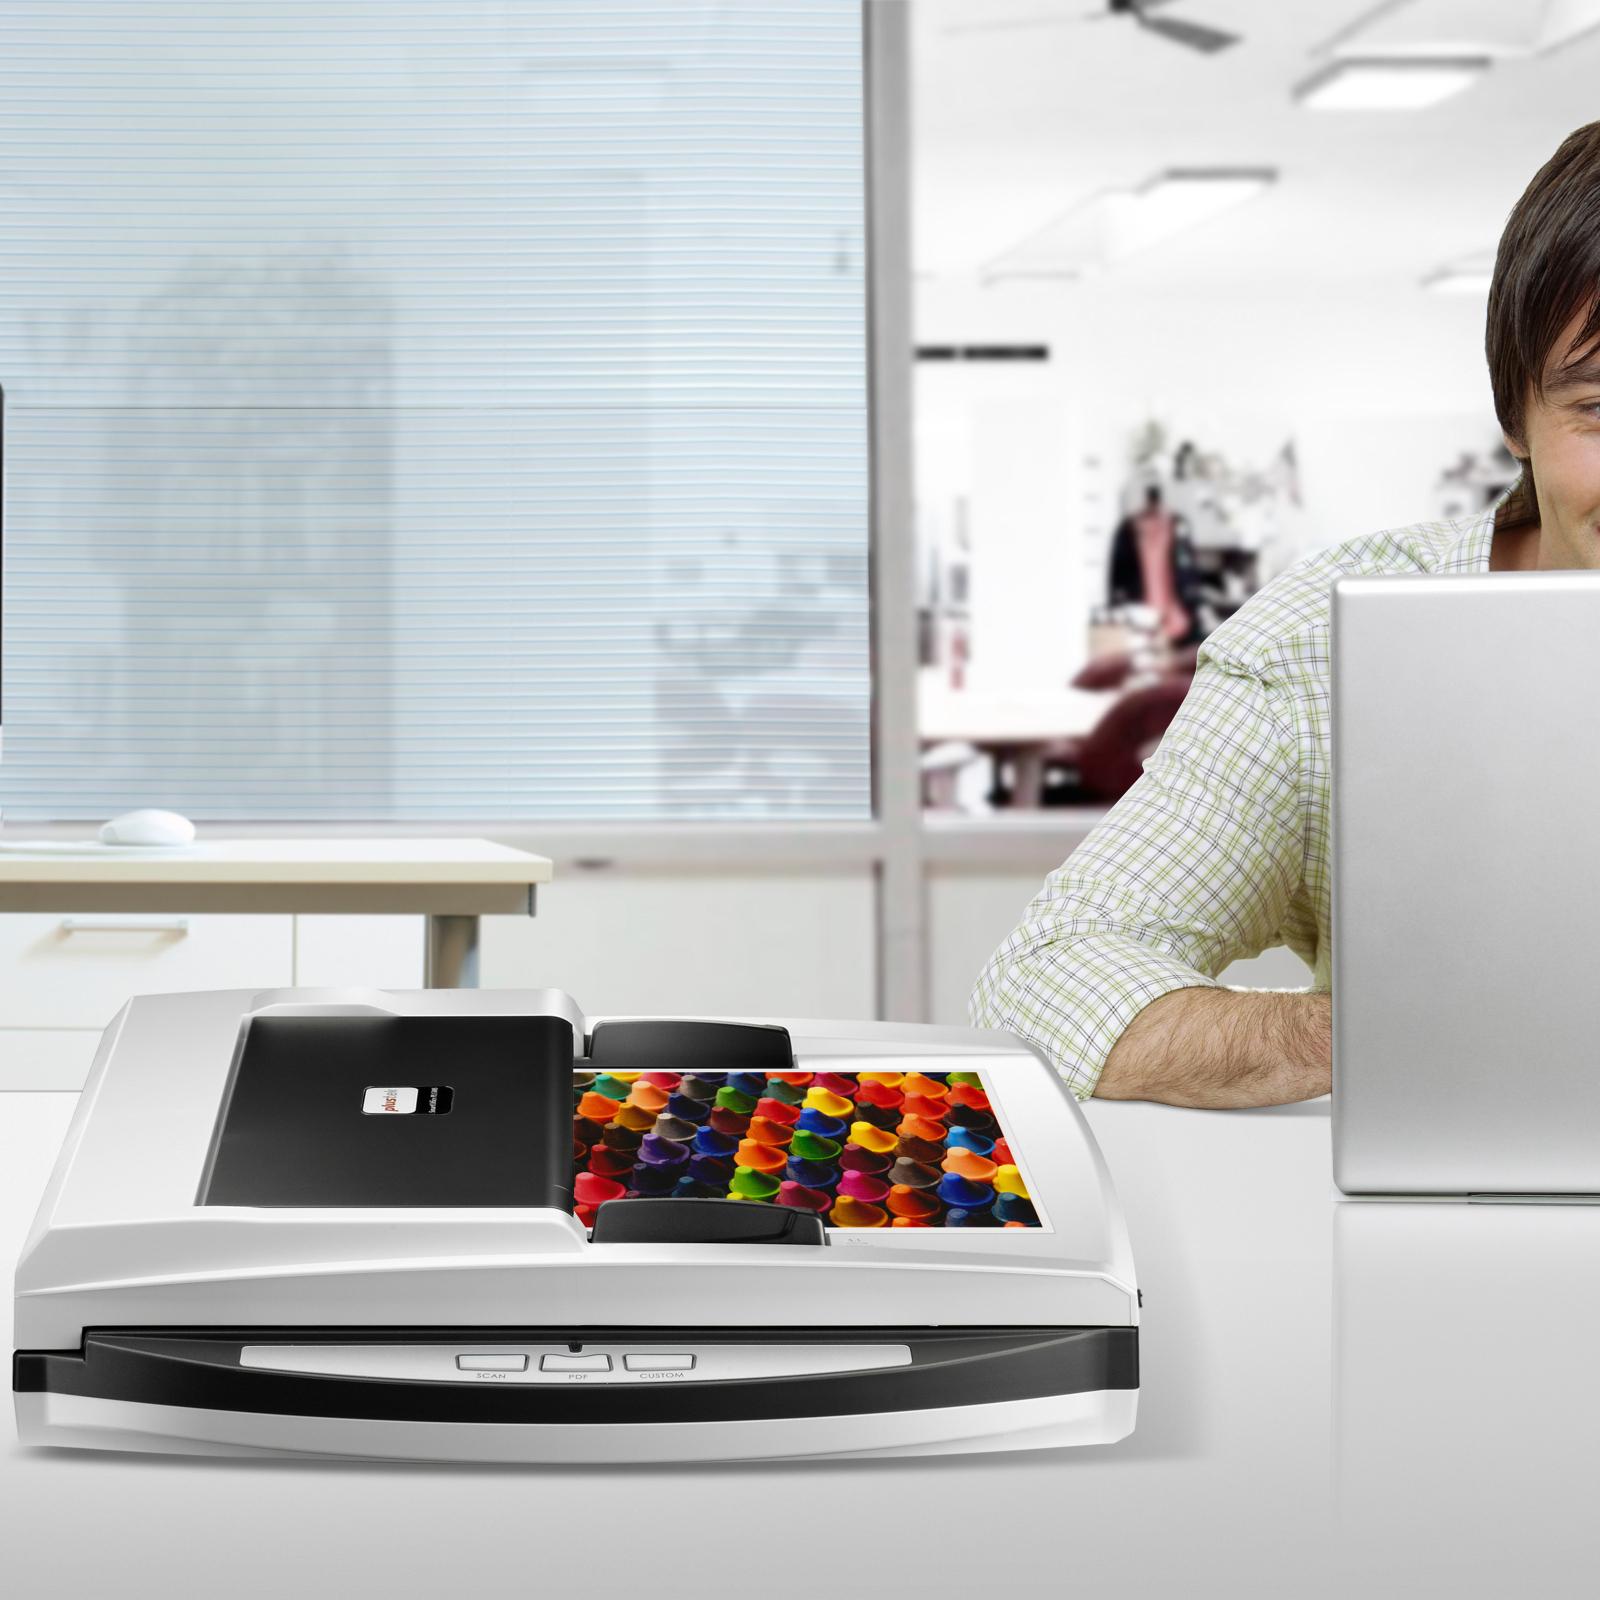 Сканер Plustek SmartOffice PN2040 (0204TS) изображение 6